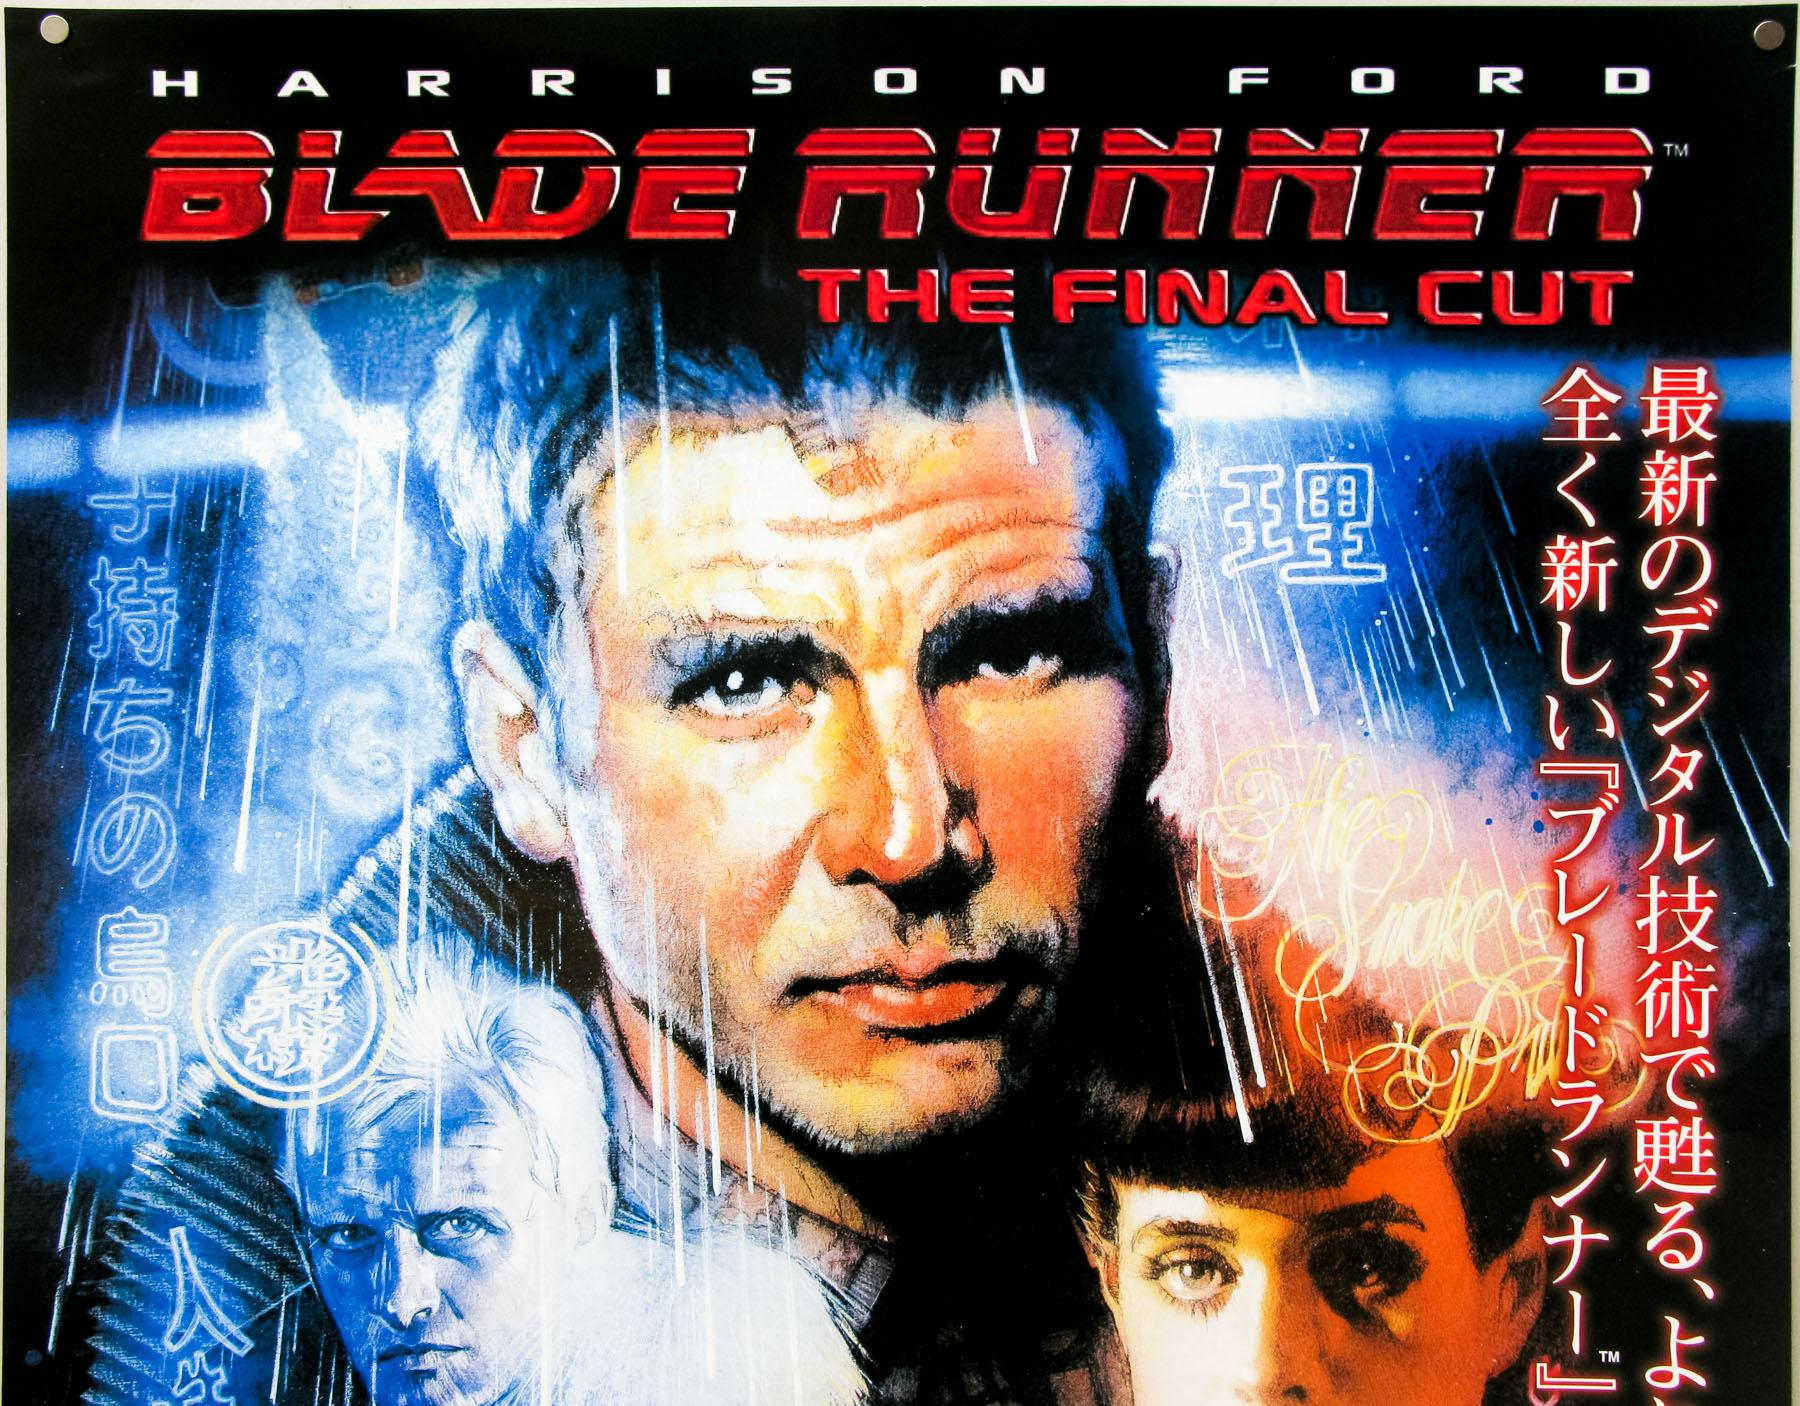 Blade Runner: The Final Cut / B2 / DVD release / Japan